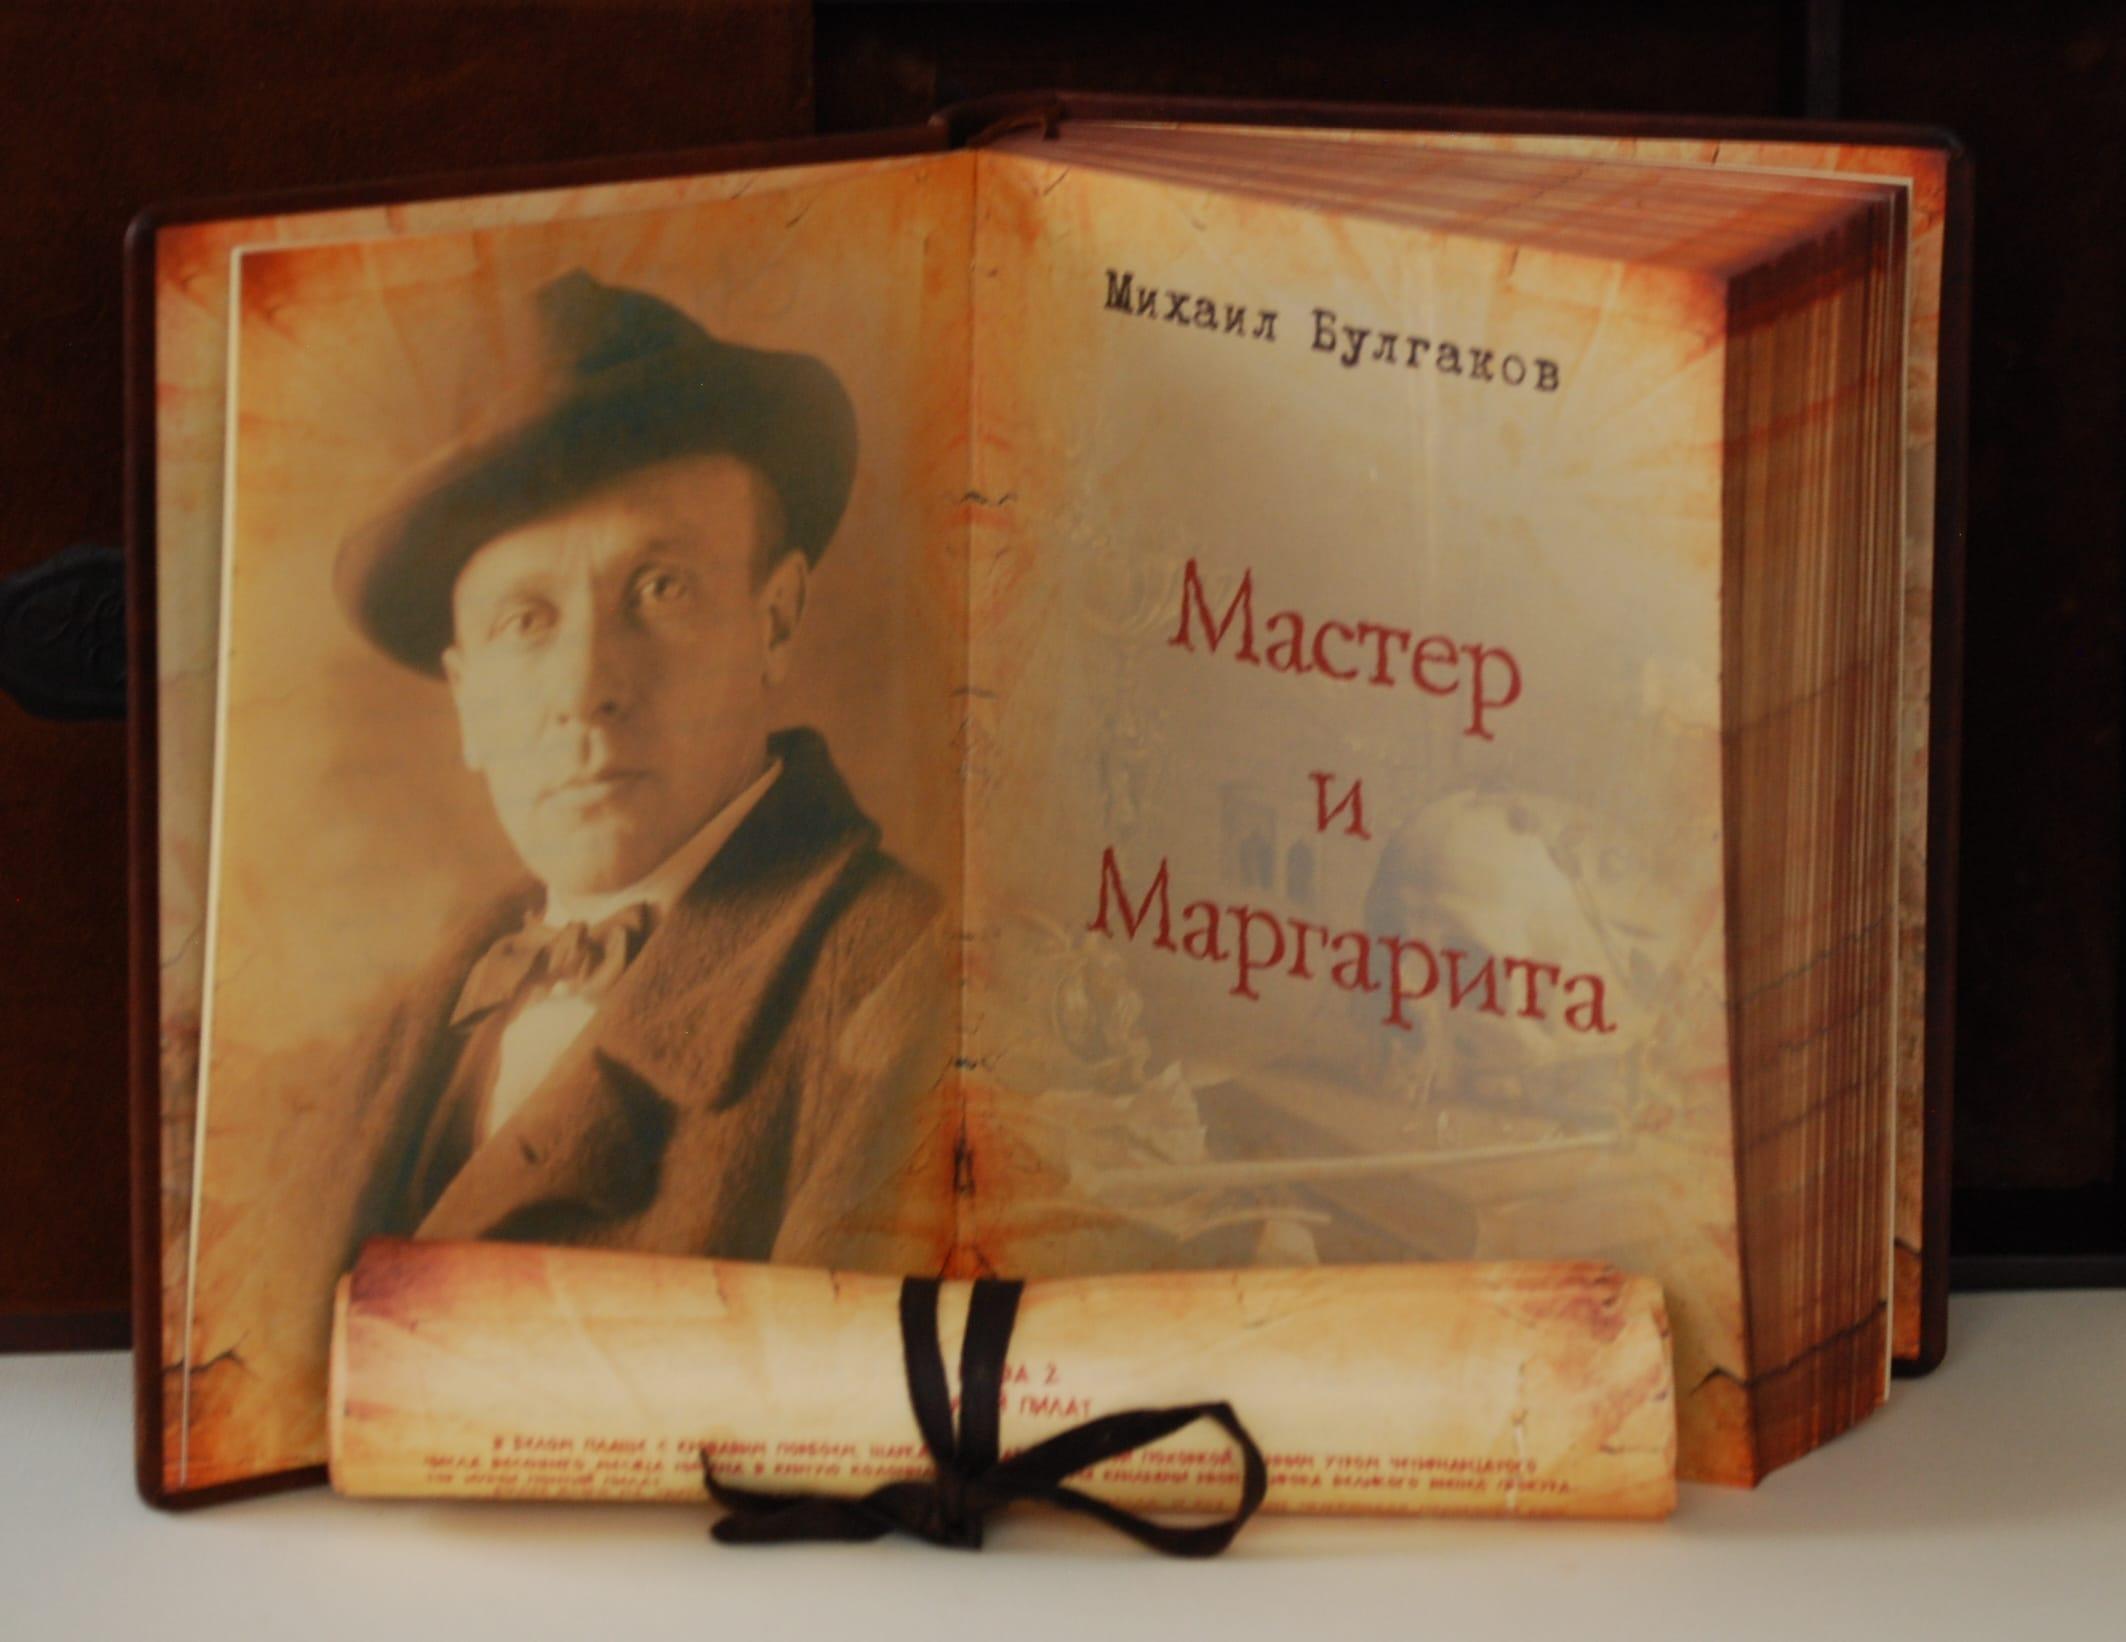 Тест: Насколько хорошо вы знаете роман «Мастер и Маргарита»?